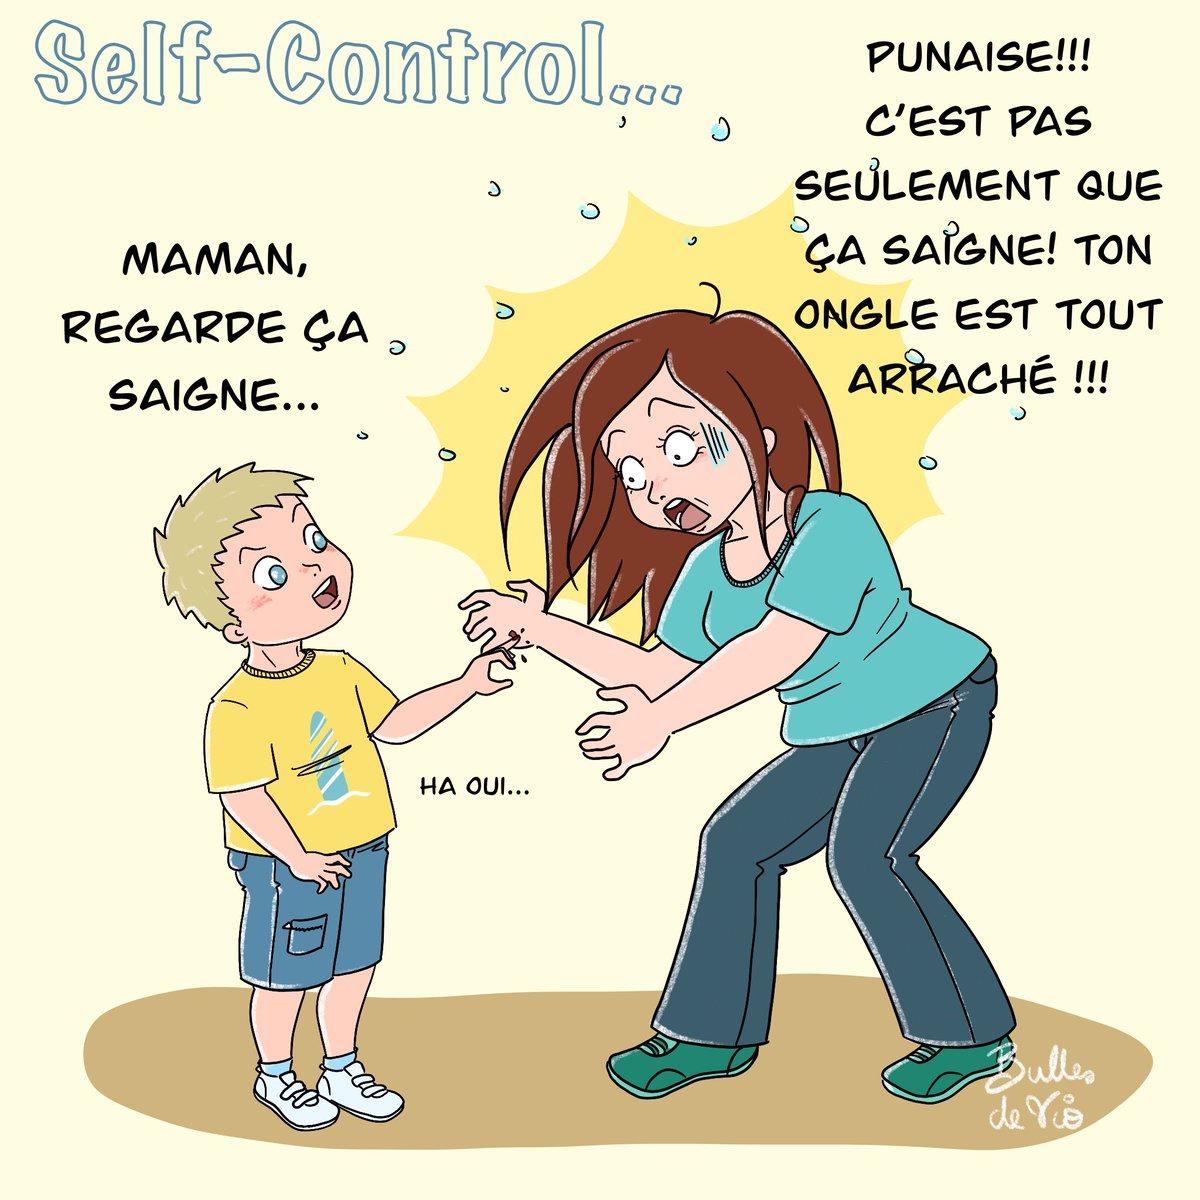 Et c'est là que je me suis rendue compte que mon fils n'était pas un enfant douillet! 😅 ça a fini aux urgences quand même avec petite opération pour sauver l'ongle et 2 points de suture... Courageux mon gamin! #maman #enfant #famille #selfcontrol #bobo #urgence #dessin #bd